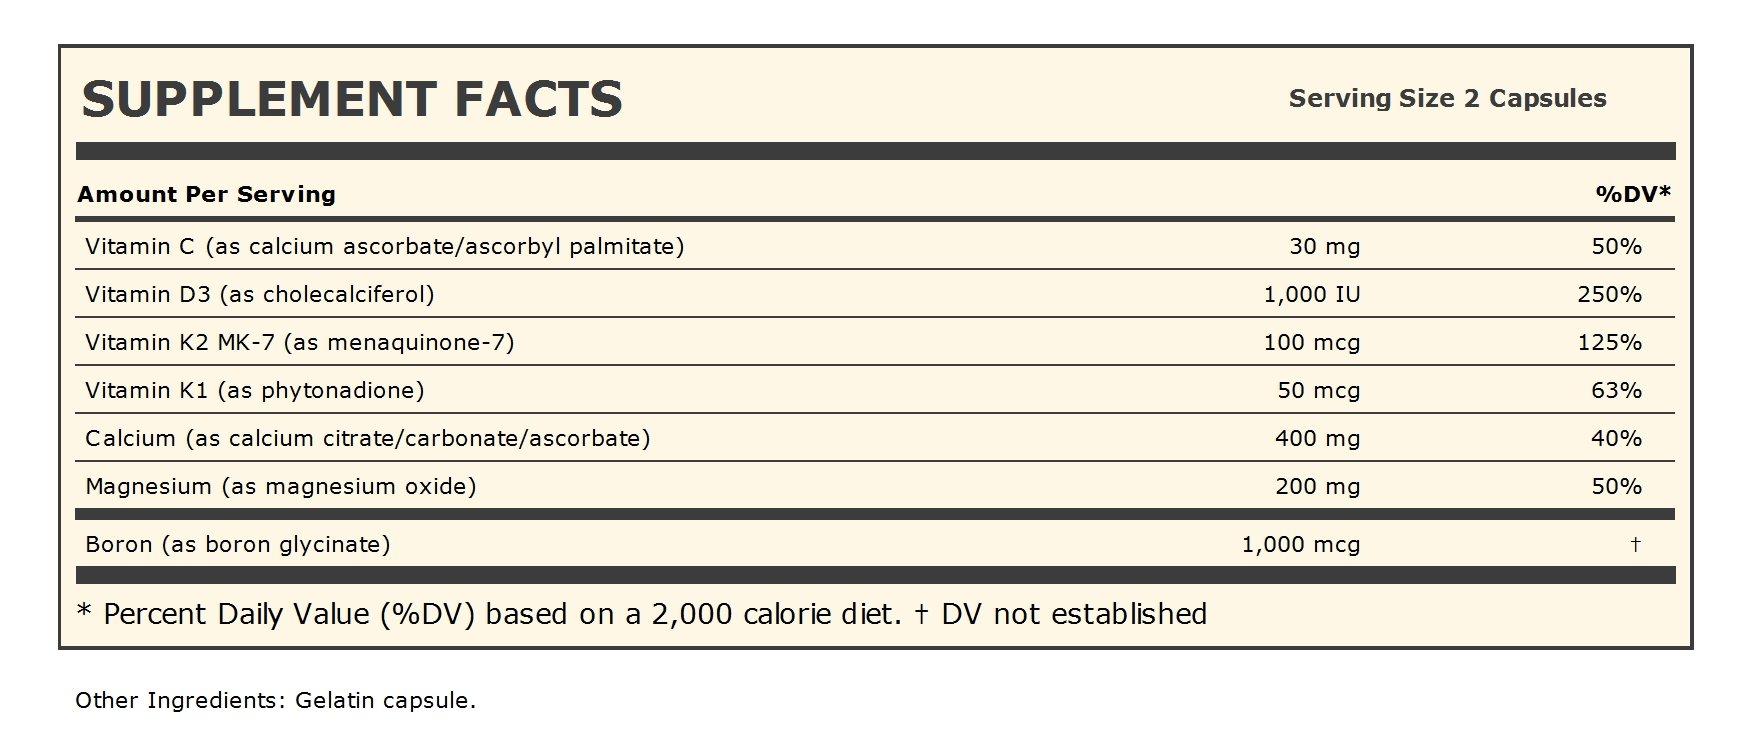 Ultimate Calcium-Magnesium Intensive Care with Vitamins D3 & K2 MK-7 100